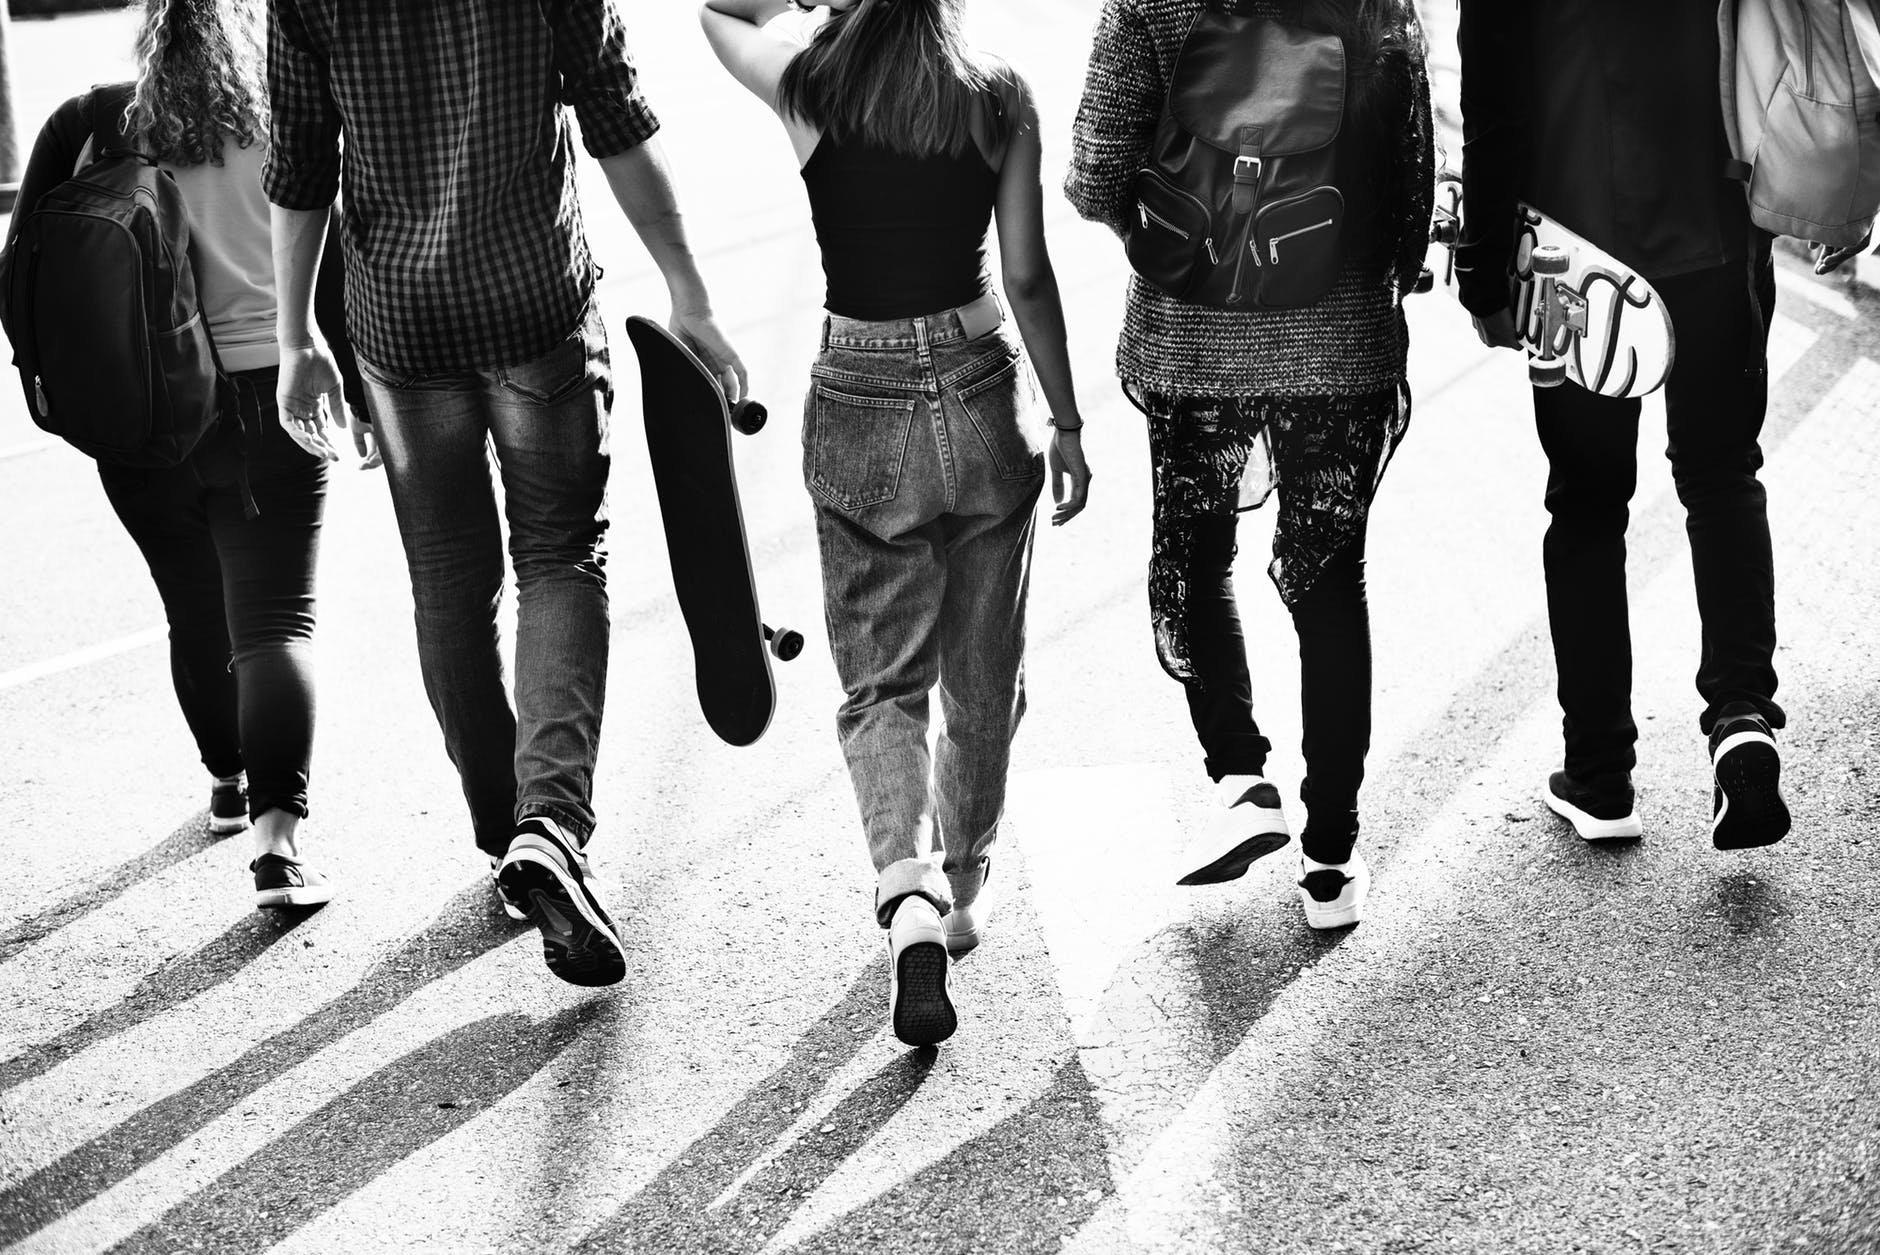 Adolescentes são mais propensos a experimentar drogas no verão